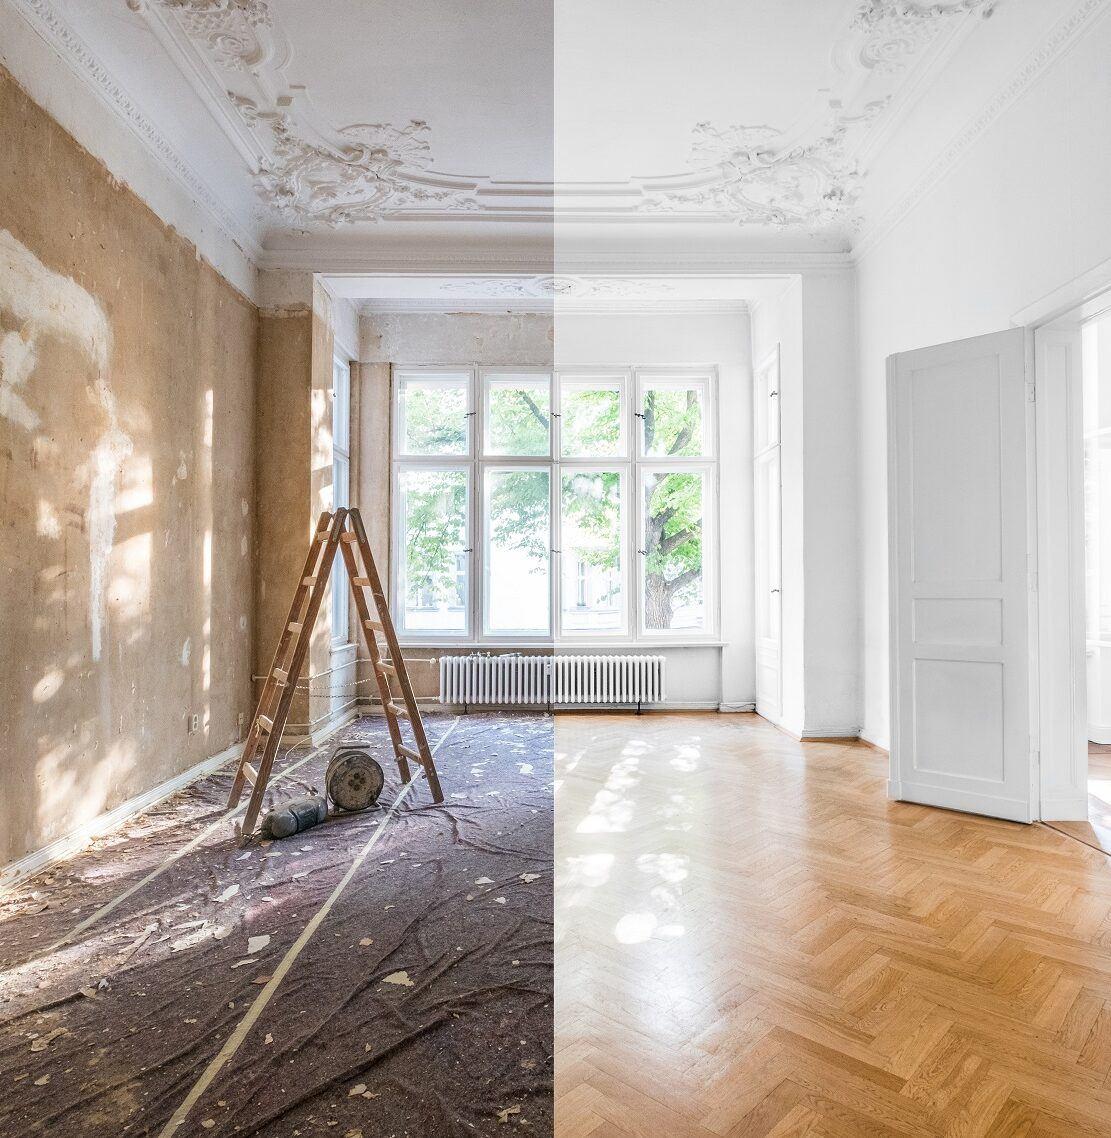 Proměna interiéru - parkety